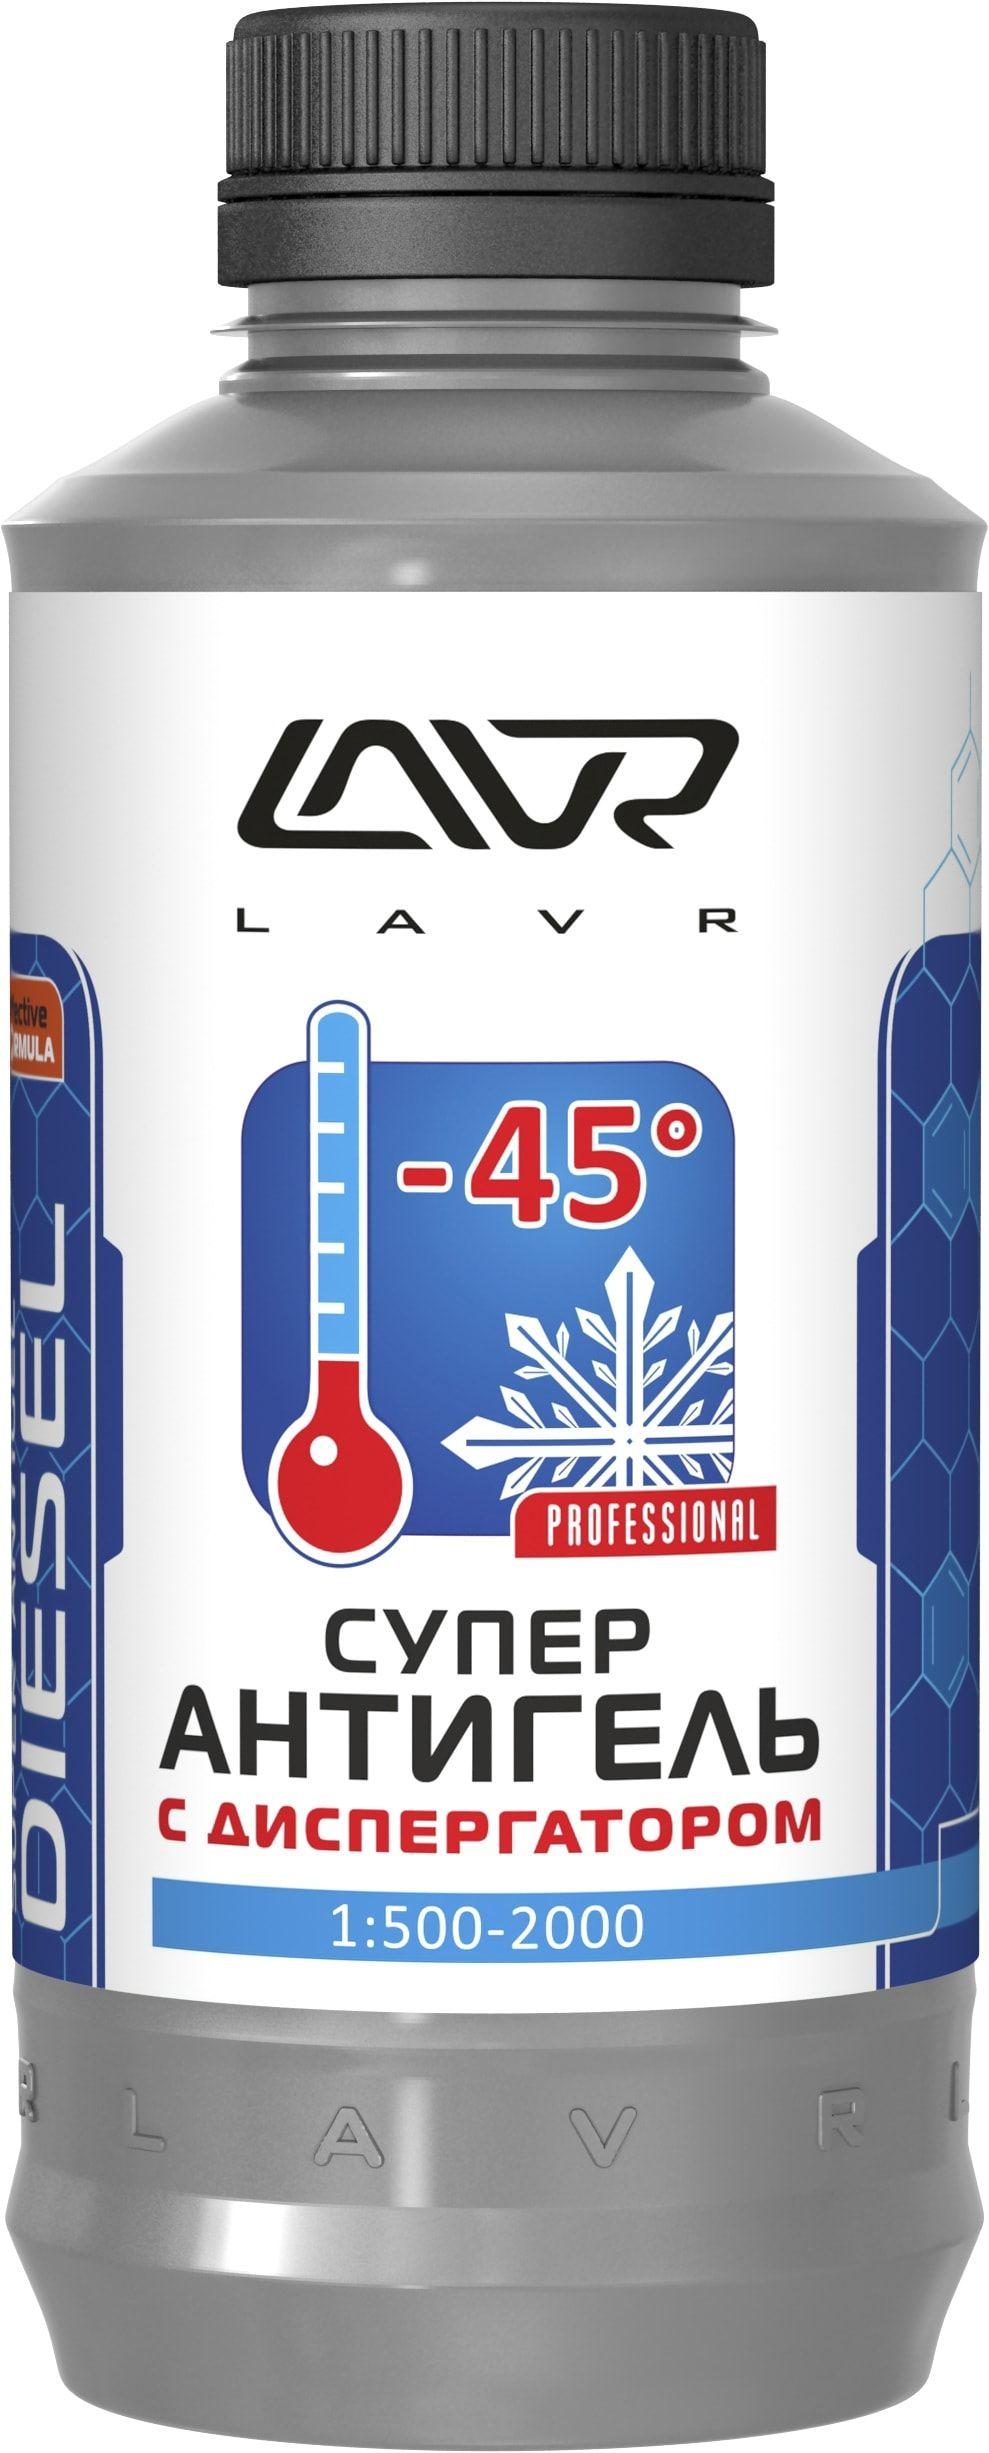 Антигель Lavr для дизтоплива на 500-2000 л 1 л Ln2107